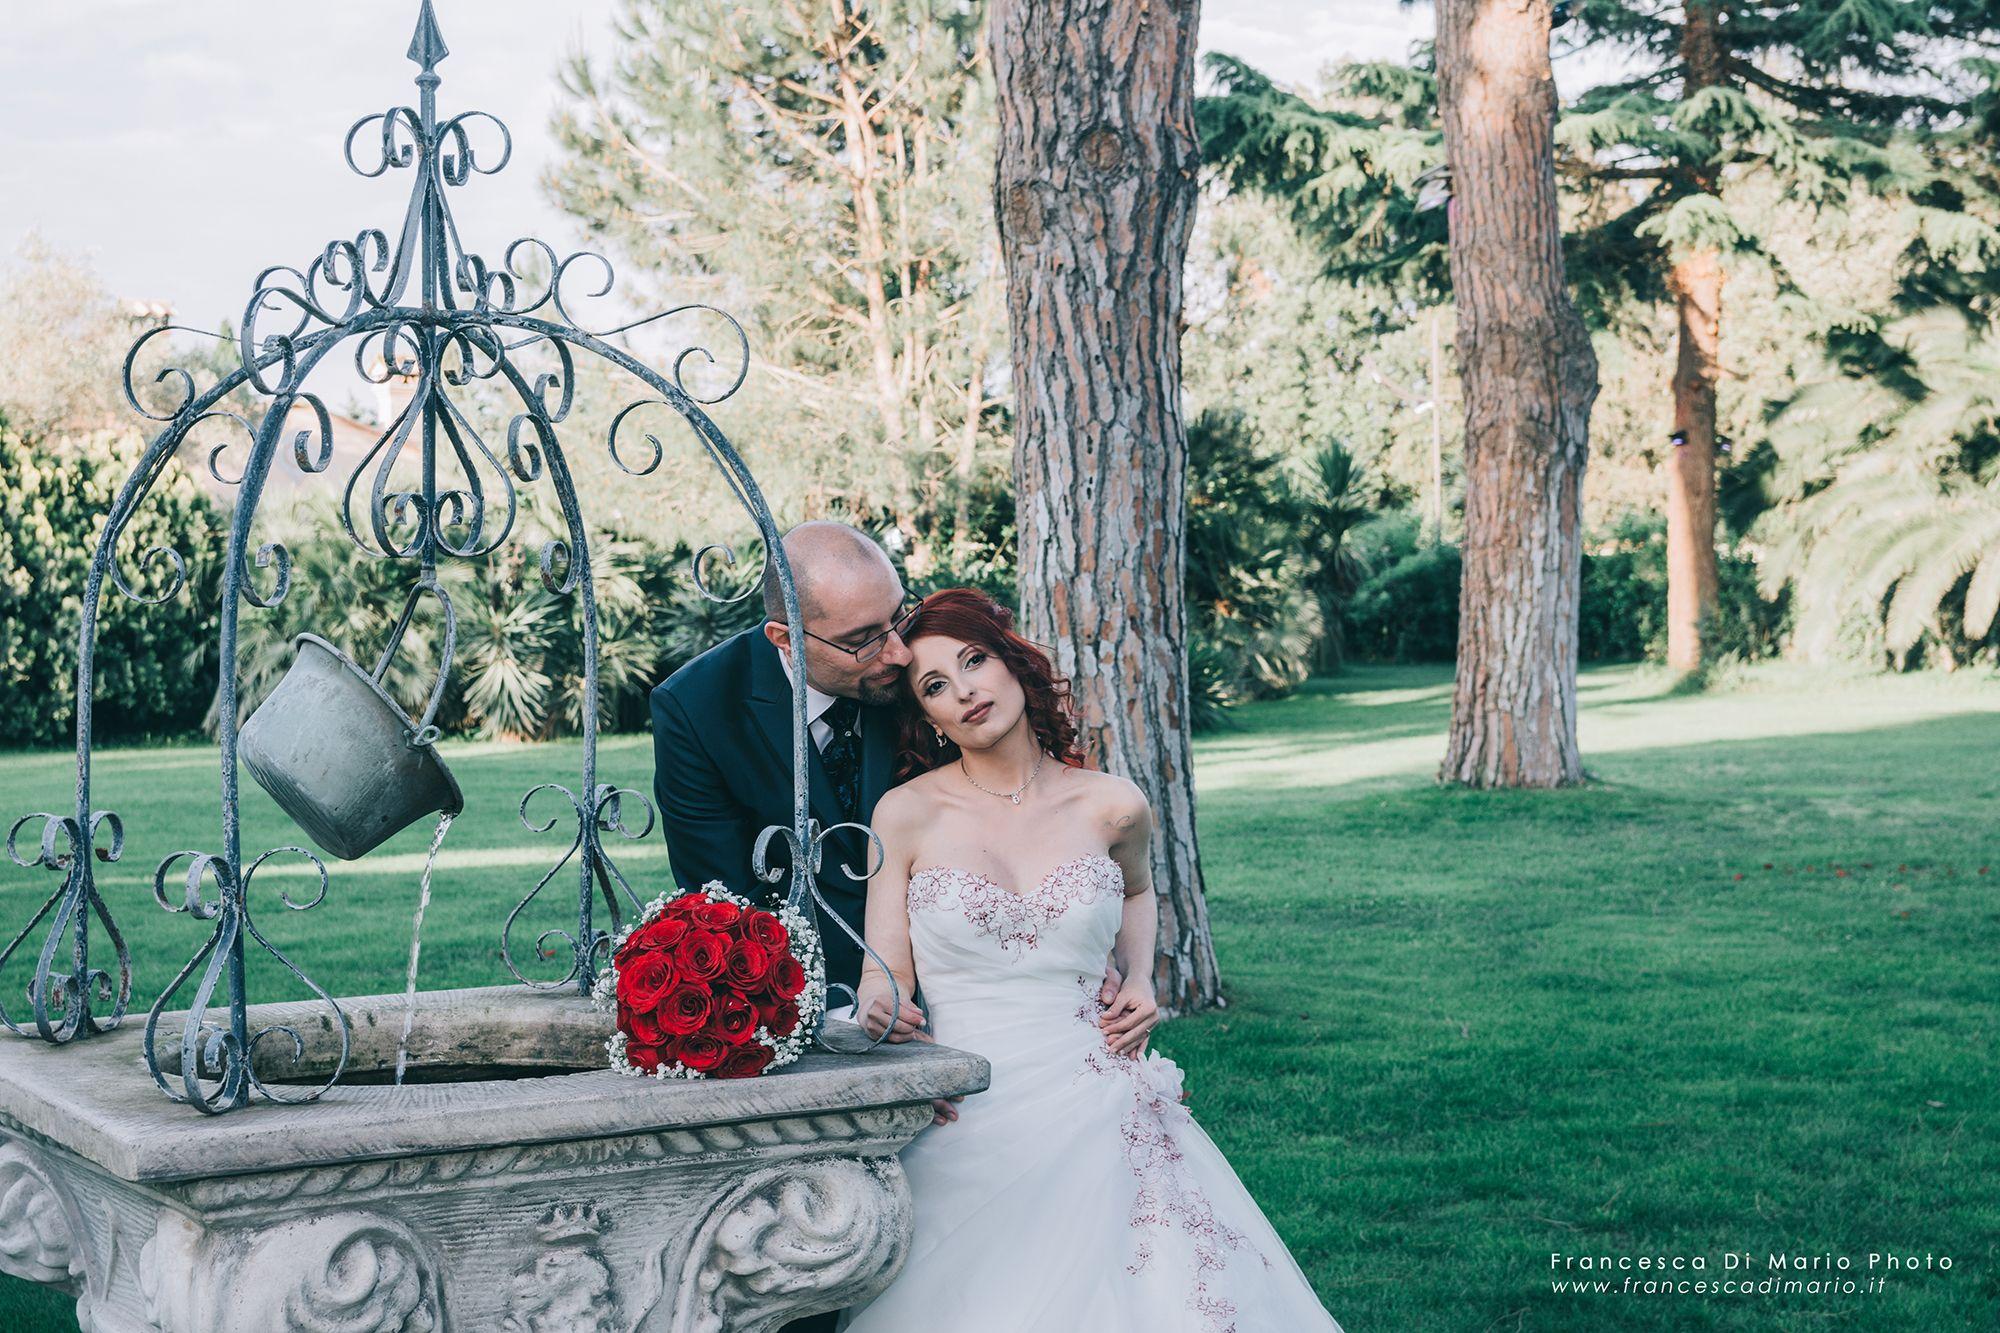 Fotografo Matrimonio Roma Abiti Da Sposa A Sirena Fotografo Matrimonio